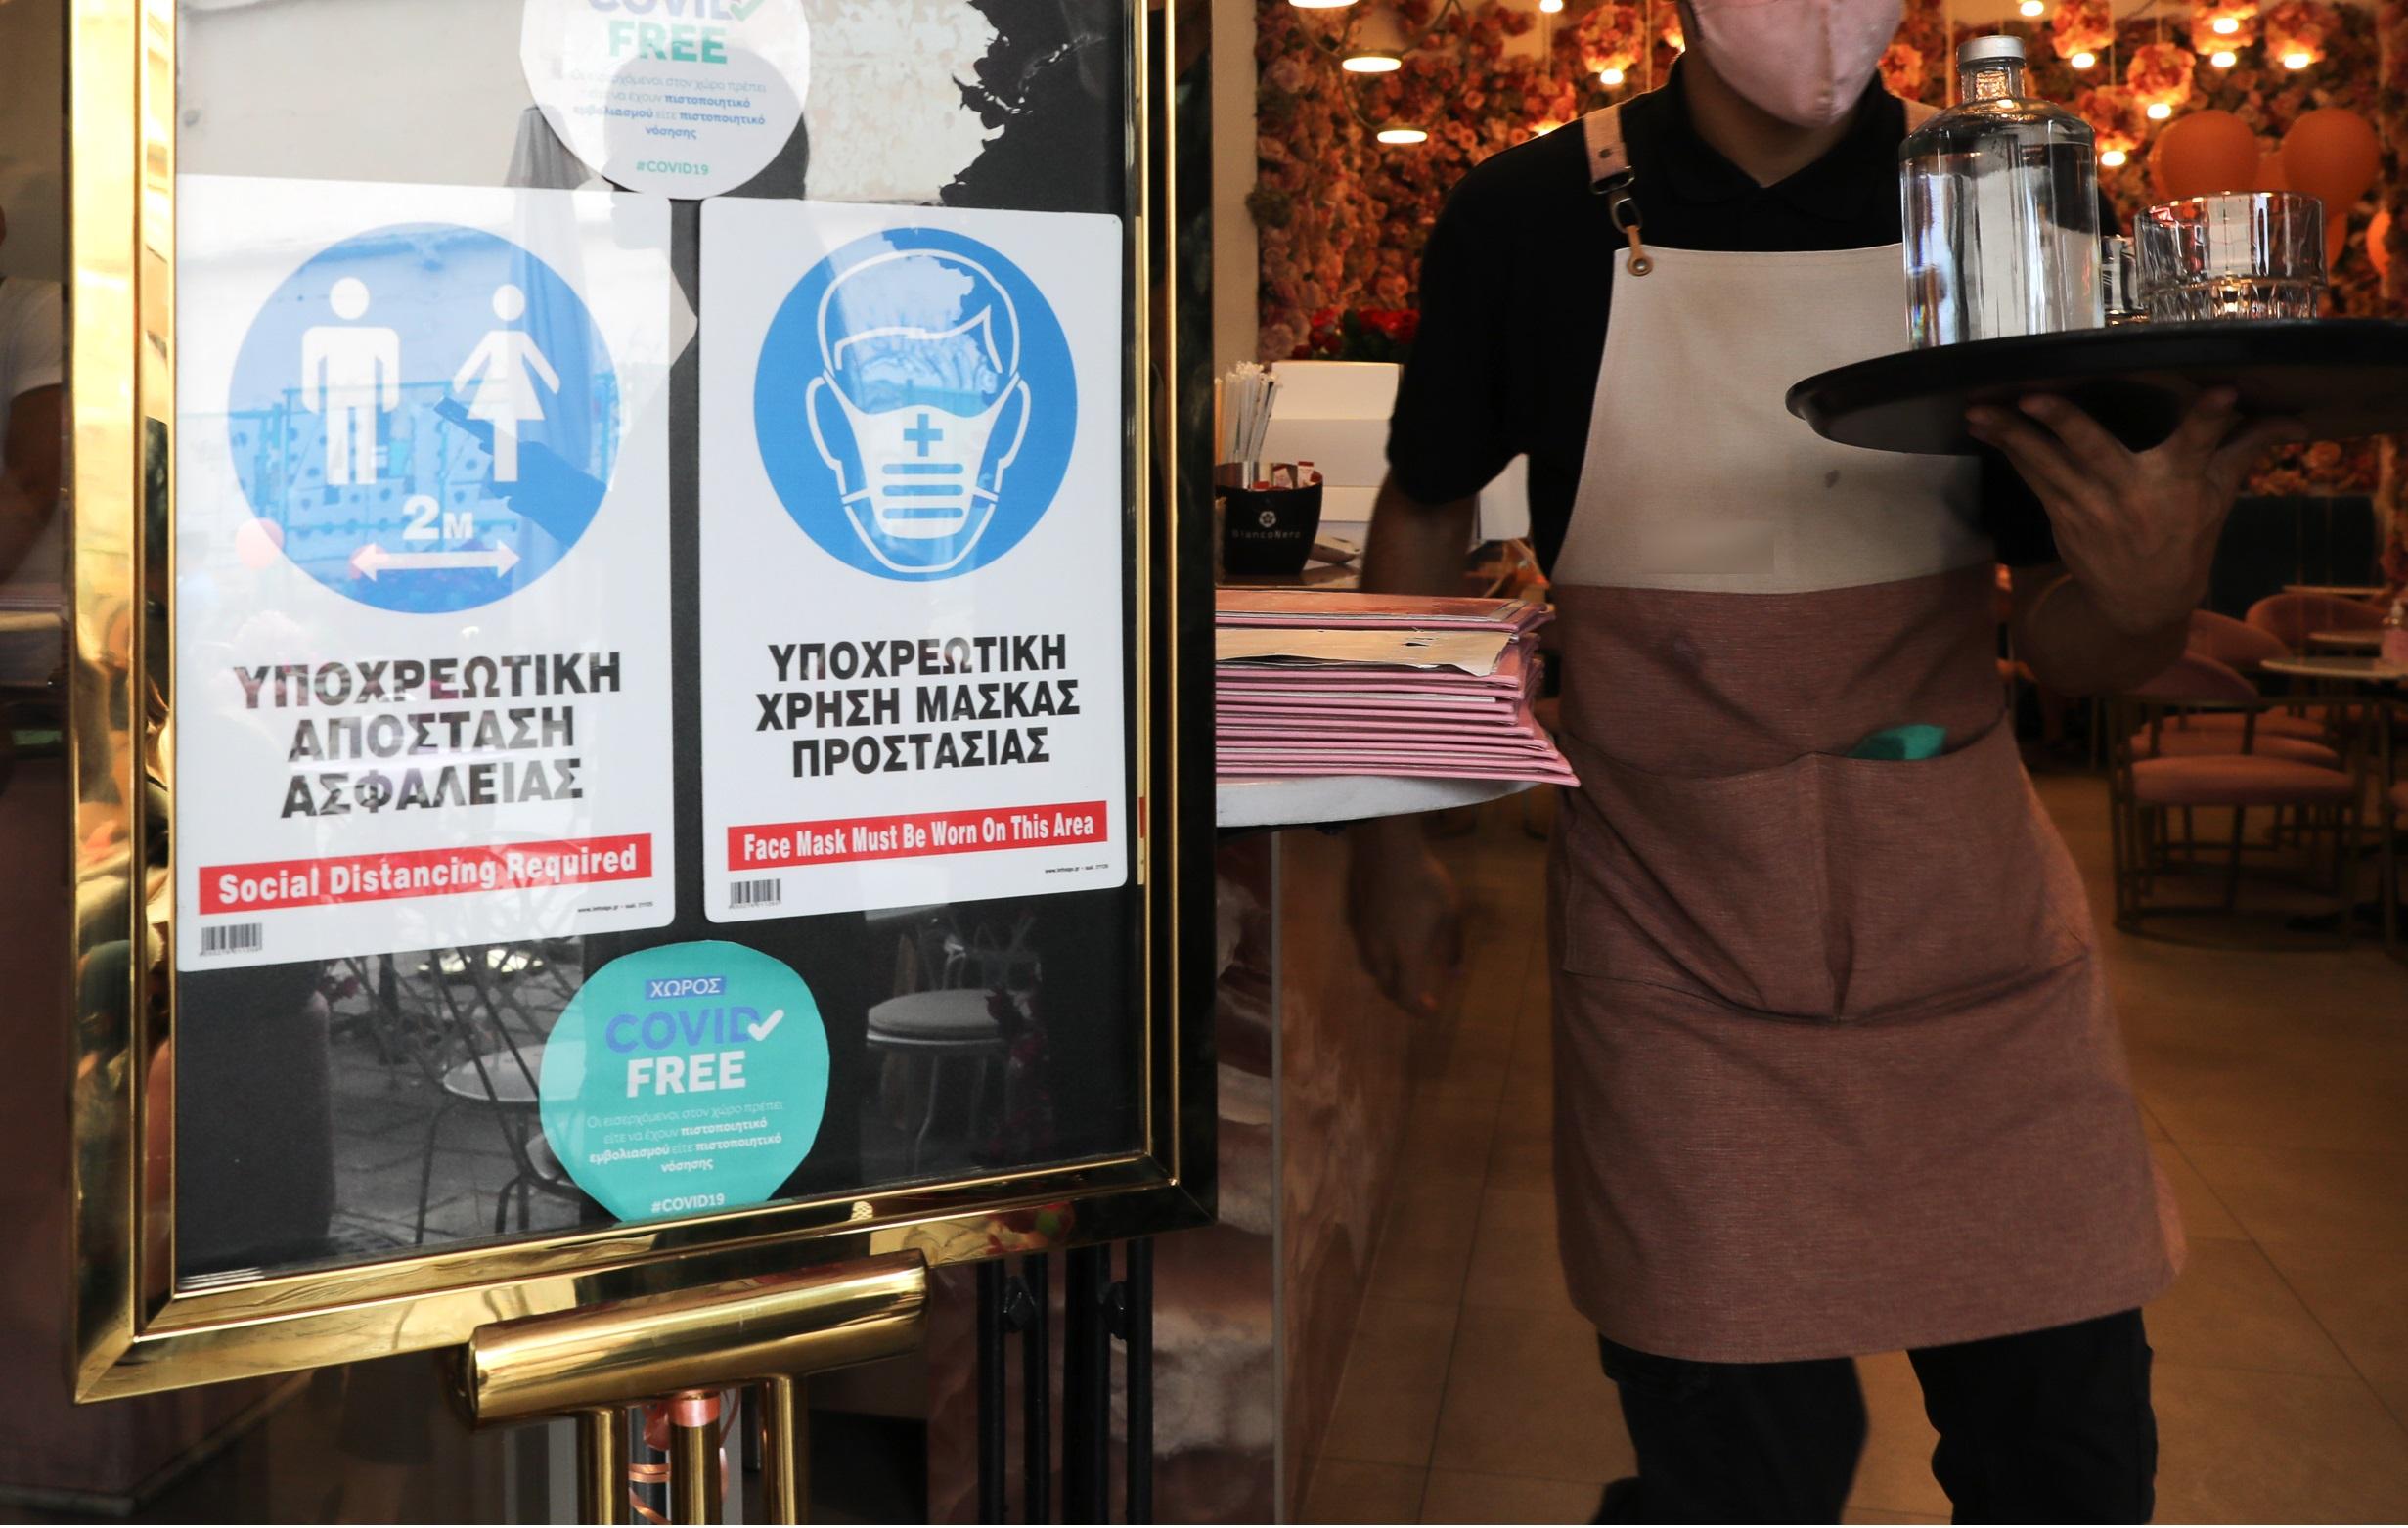 Κορονοϊός: Κρούσματα σε όλη τη χώρα – Ανησυχία για Θεσσαλονίκη και Λάρισα